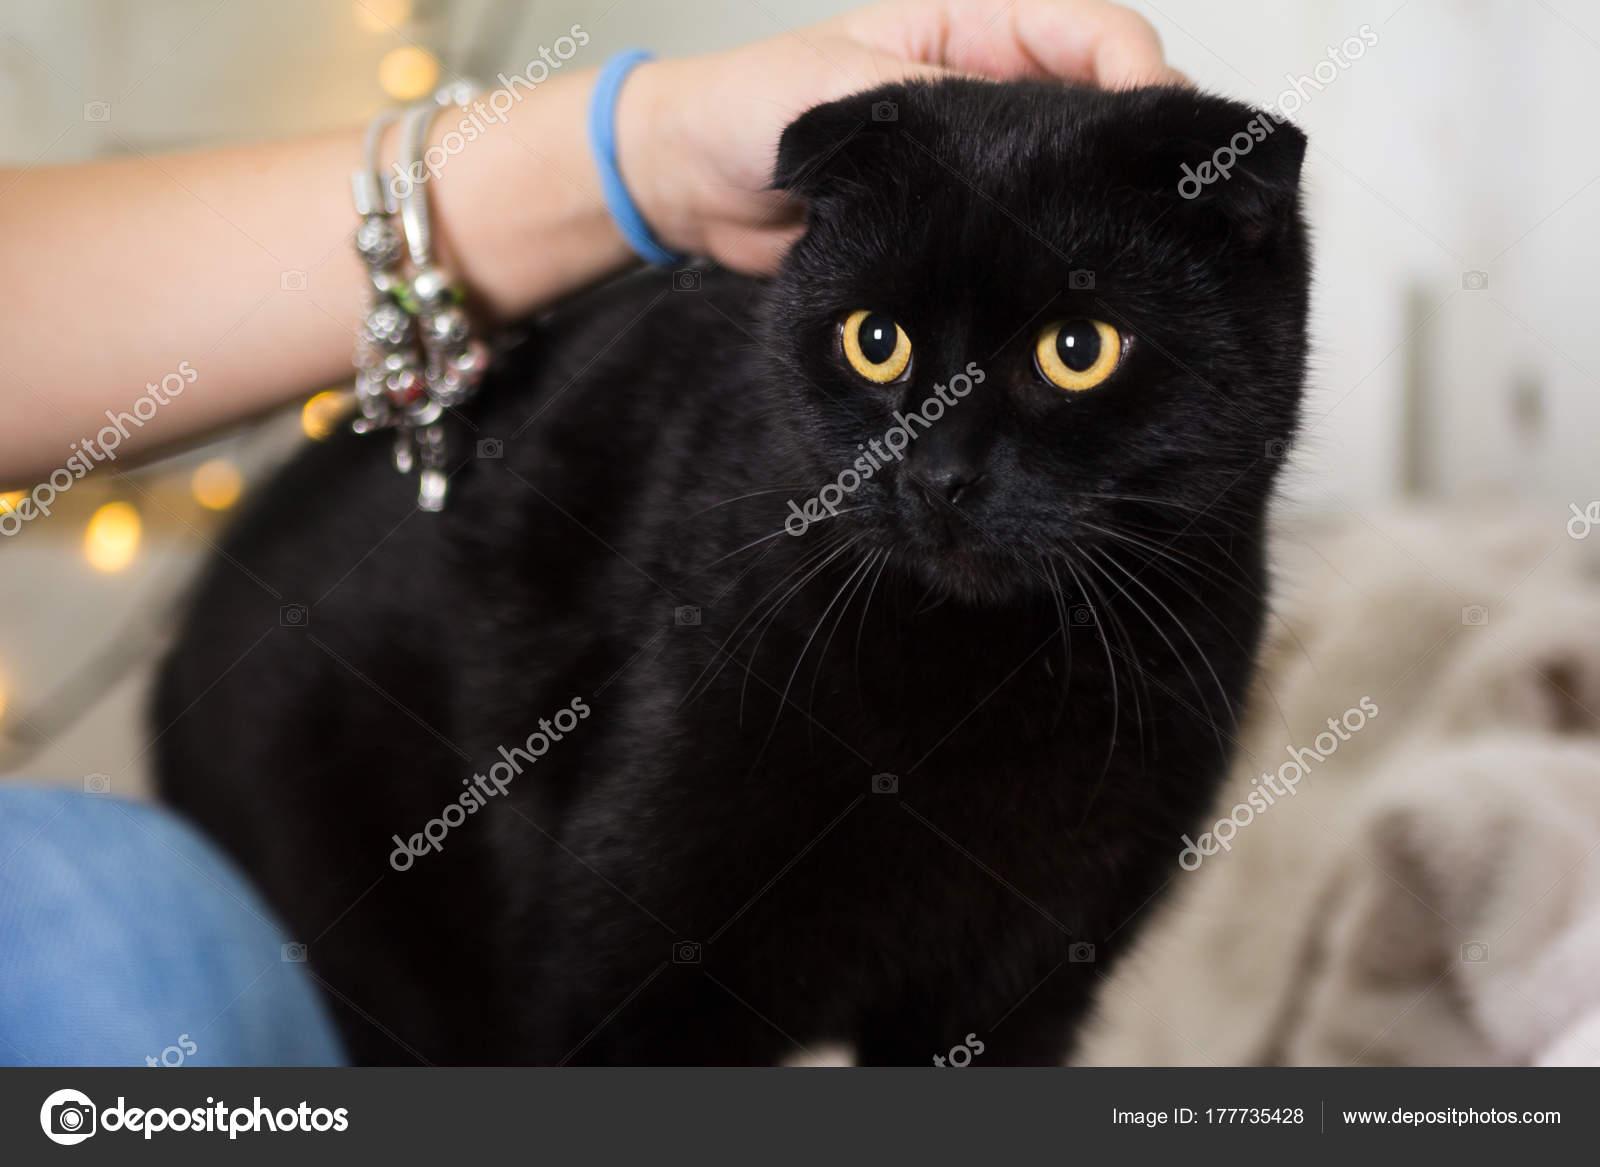 Black Scottish Fold cat wearing Christmas costume. Year of the dog concept u2014 Stock Photo & Black Scottish Fold cat wearing Christmas costume. Year of the dog ...